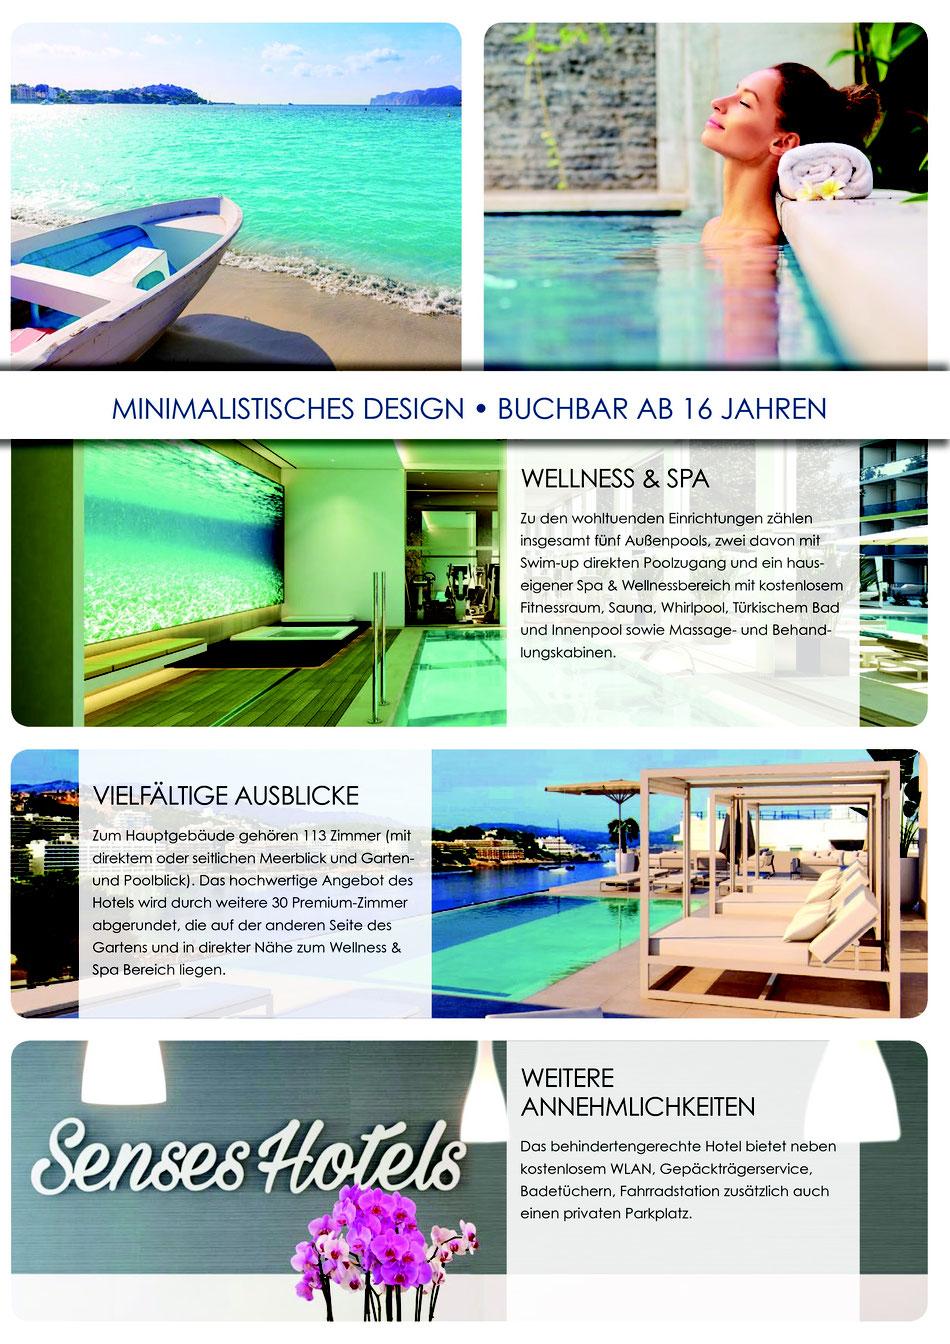 jetzt hier Wellness-Urlaub im neuen adults-only 4*-Komforthotel auf Mallorca  buchen, Senses Santa Ponsa Erwachsenen Hotel mit Flug günstig buchen